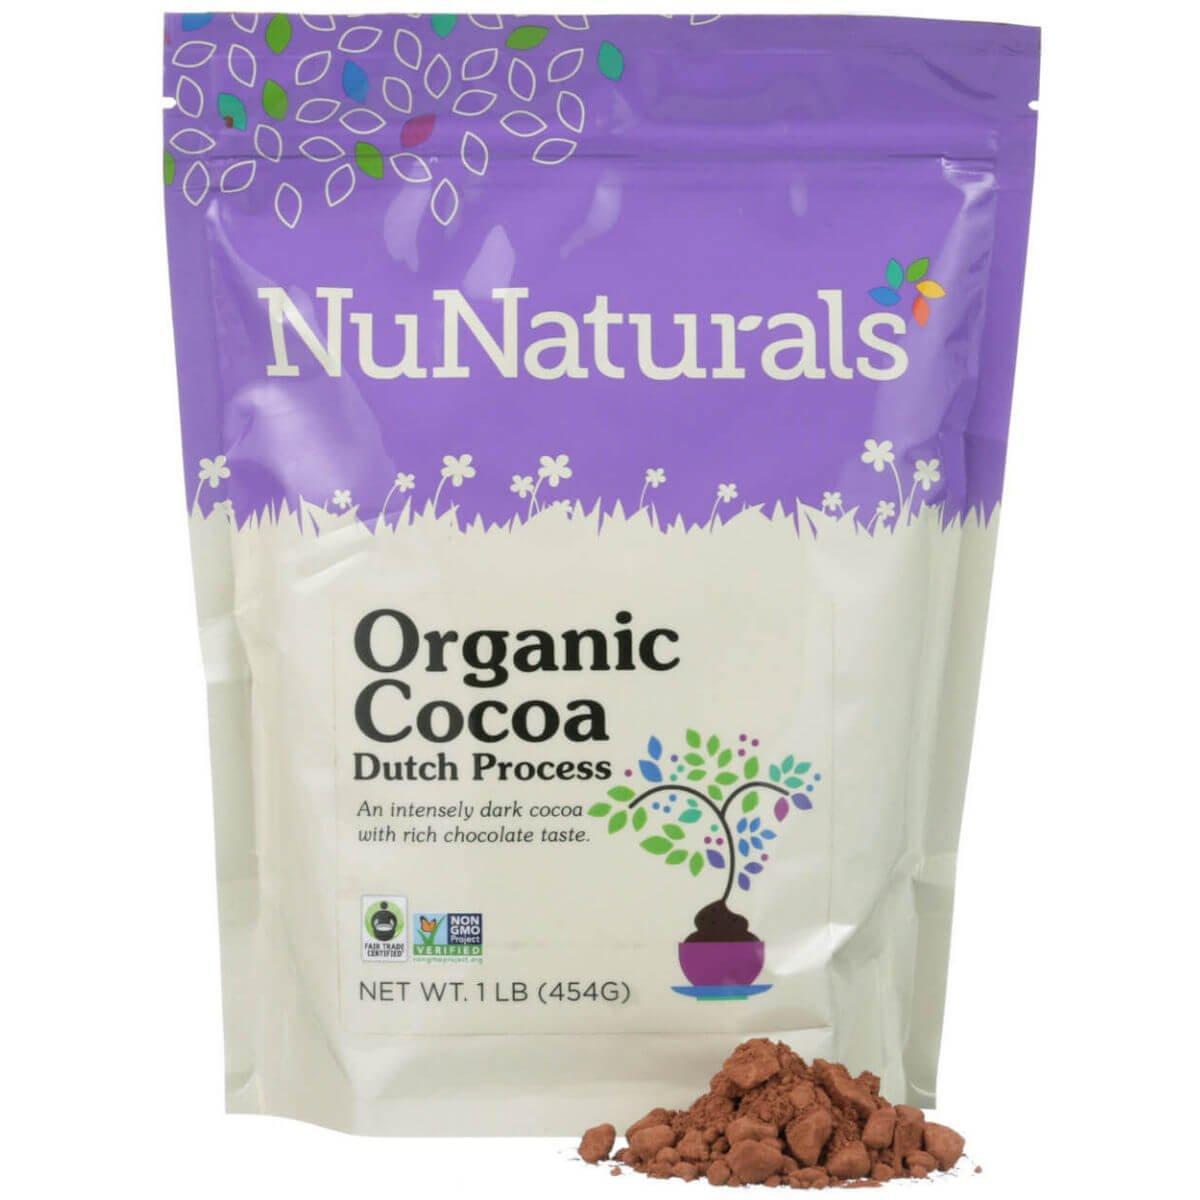 NuNaturals - Premium Organic Dutch Processed Cocoa Powder for Baking - Non GMO - Fair Trade 1lb